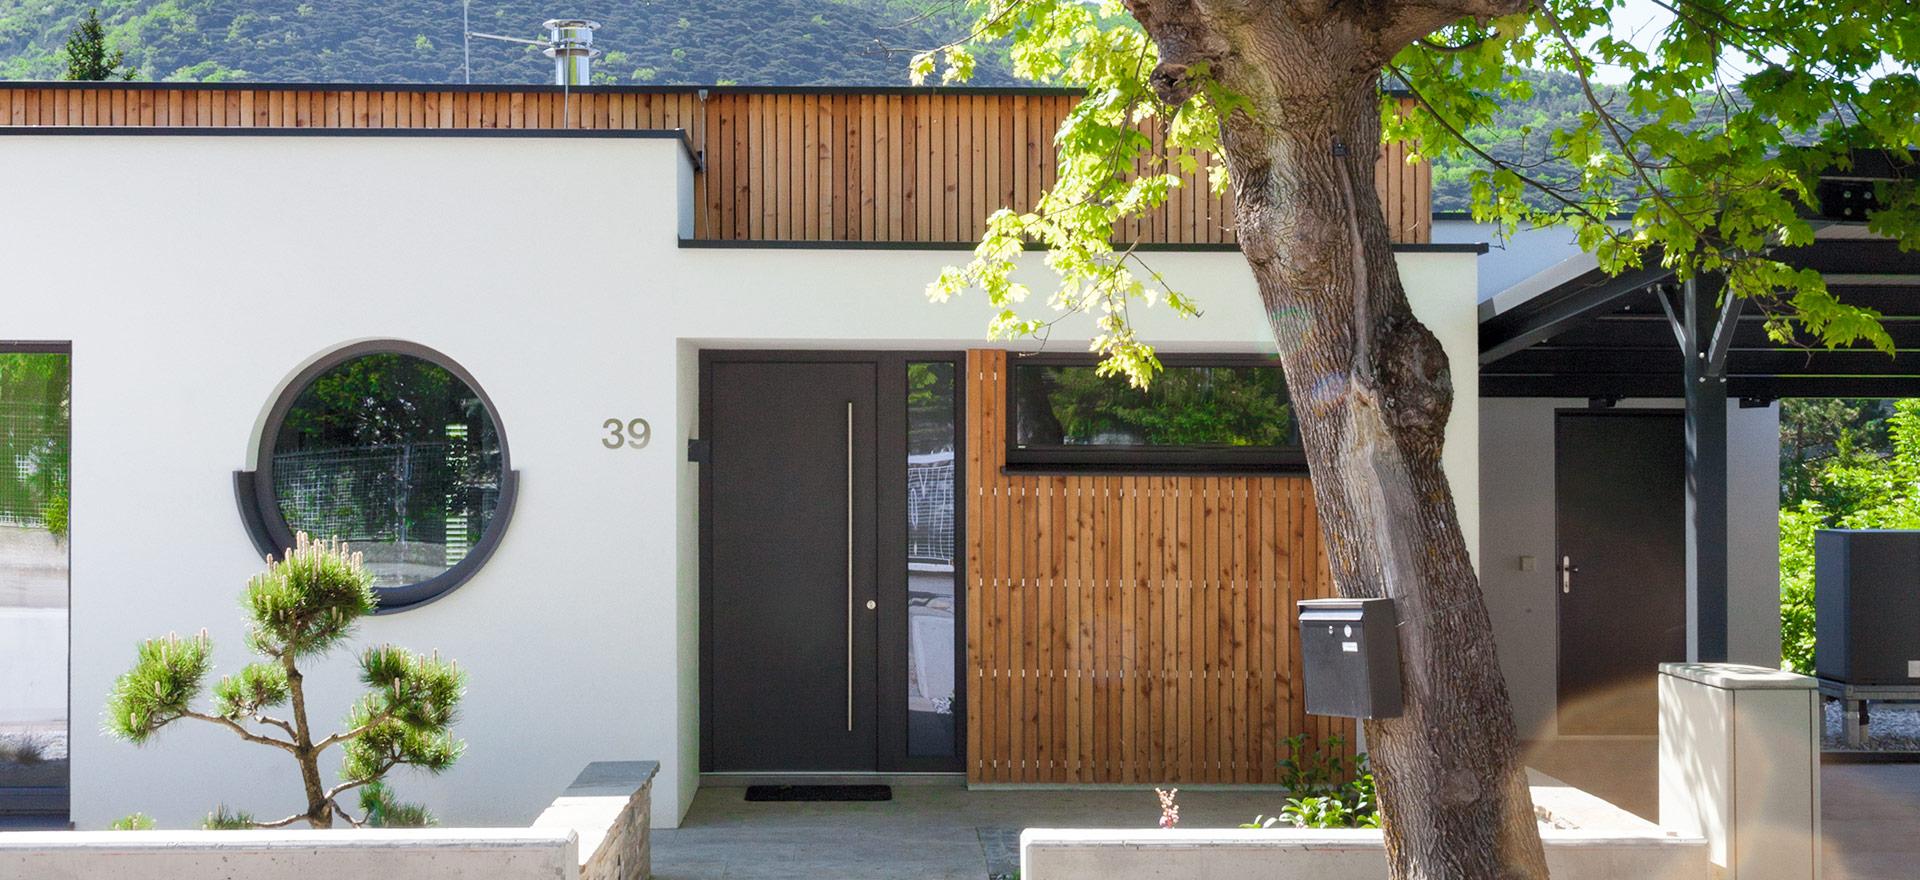 Haustüren. Holztüren. Holzhaustüren. Türen. | KATZBECK